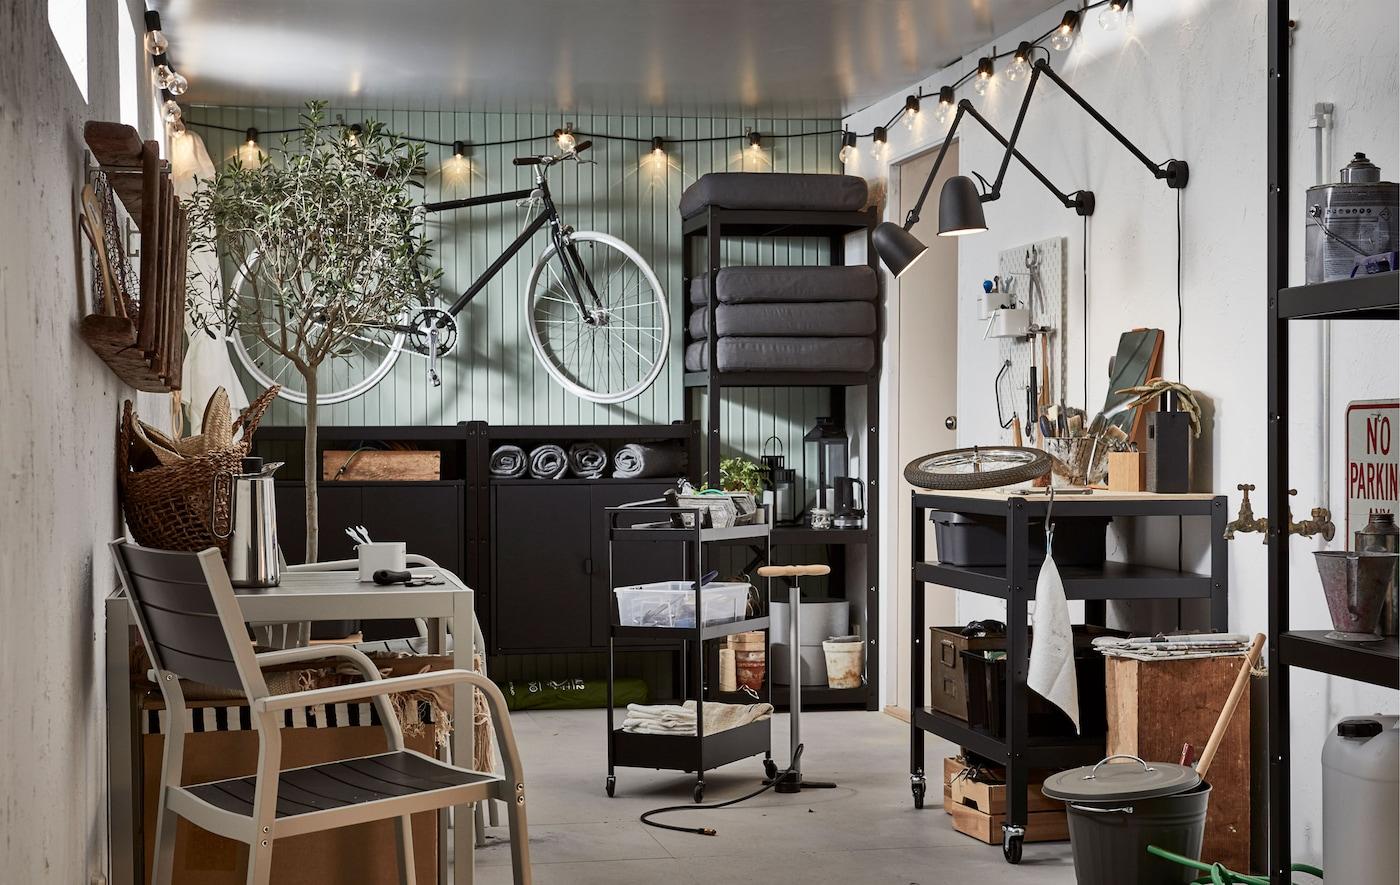 Autotalli tai muu varastomainen tila. Seinälle on ripustettu polkupyörä, seinillä on paljon hyllyjä, istuimia, kahvinkeitin ja käytännöllinen valaistus.